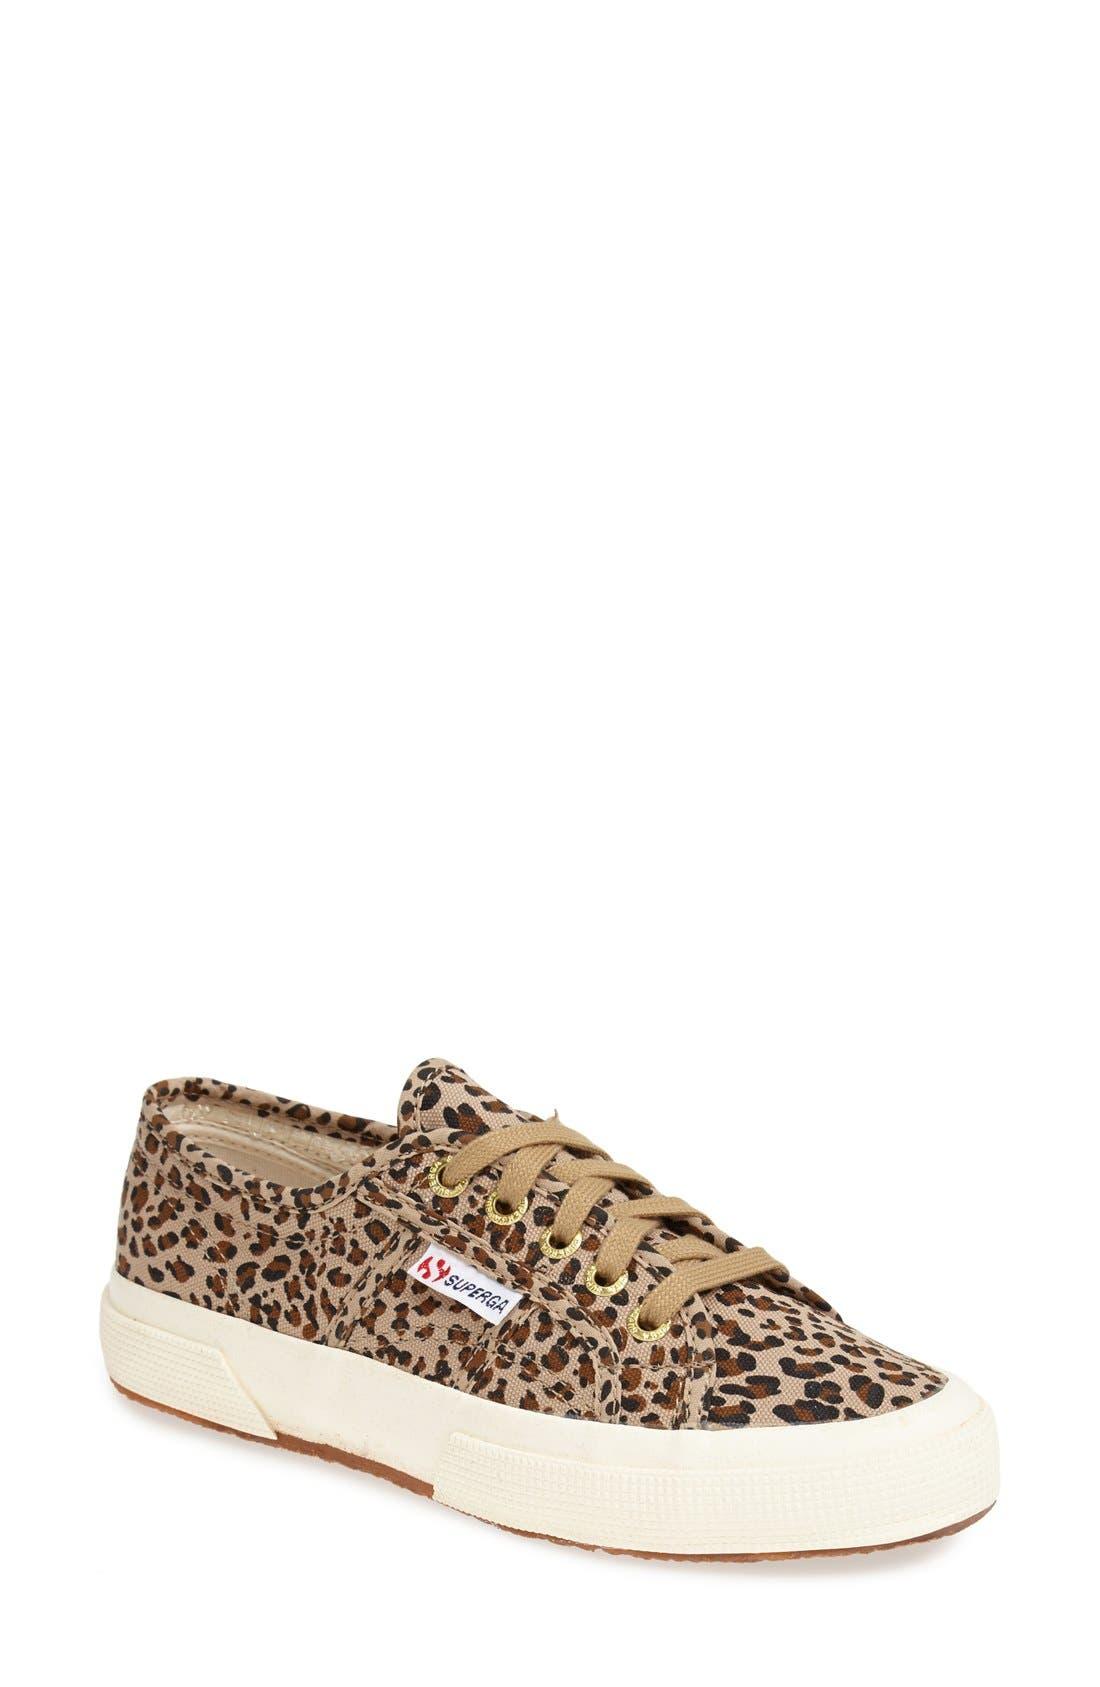 Superga 'Leo' Leopard Spot Slip-On